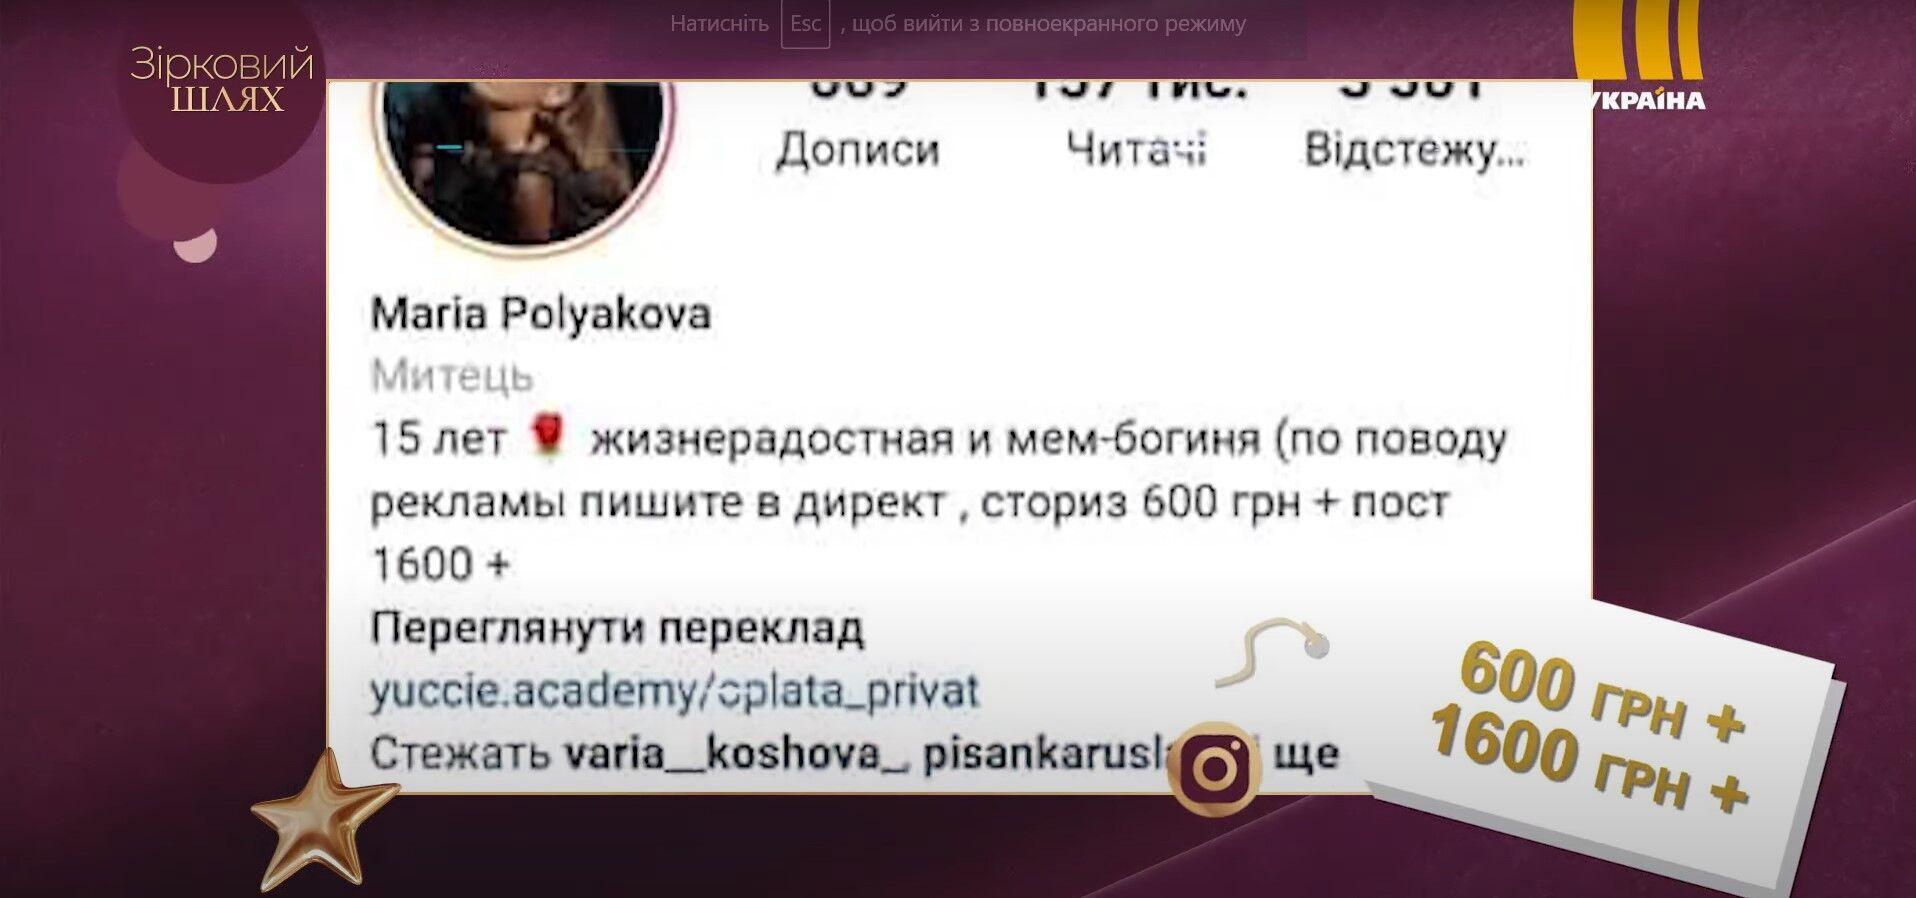 Скільки Маша Полякова заробляє в Instagram.